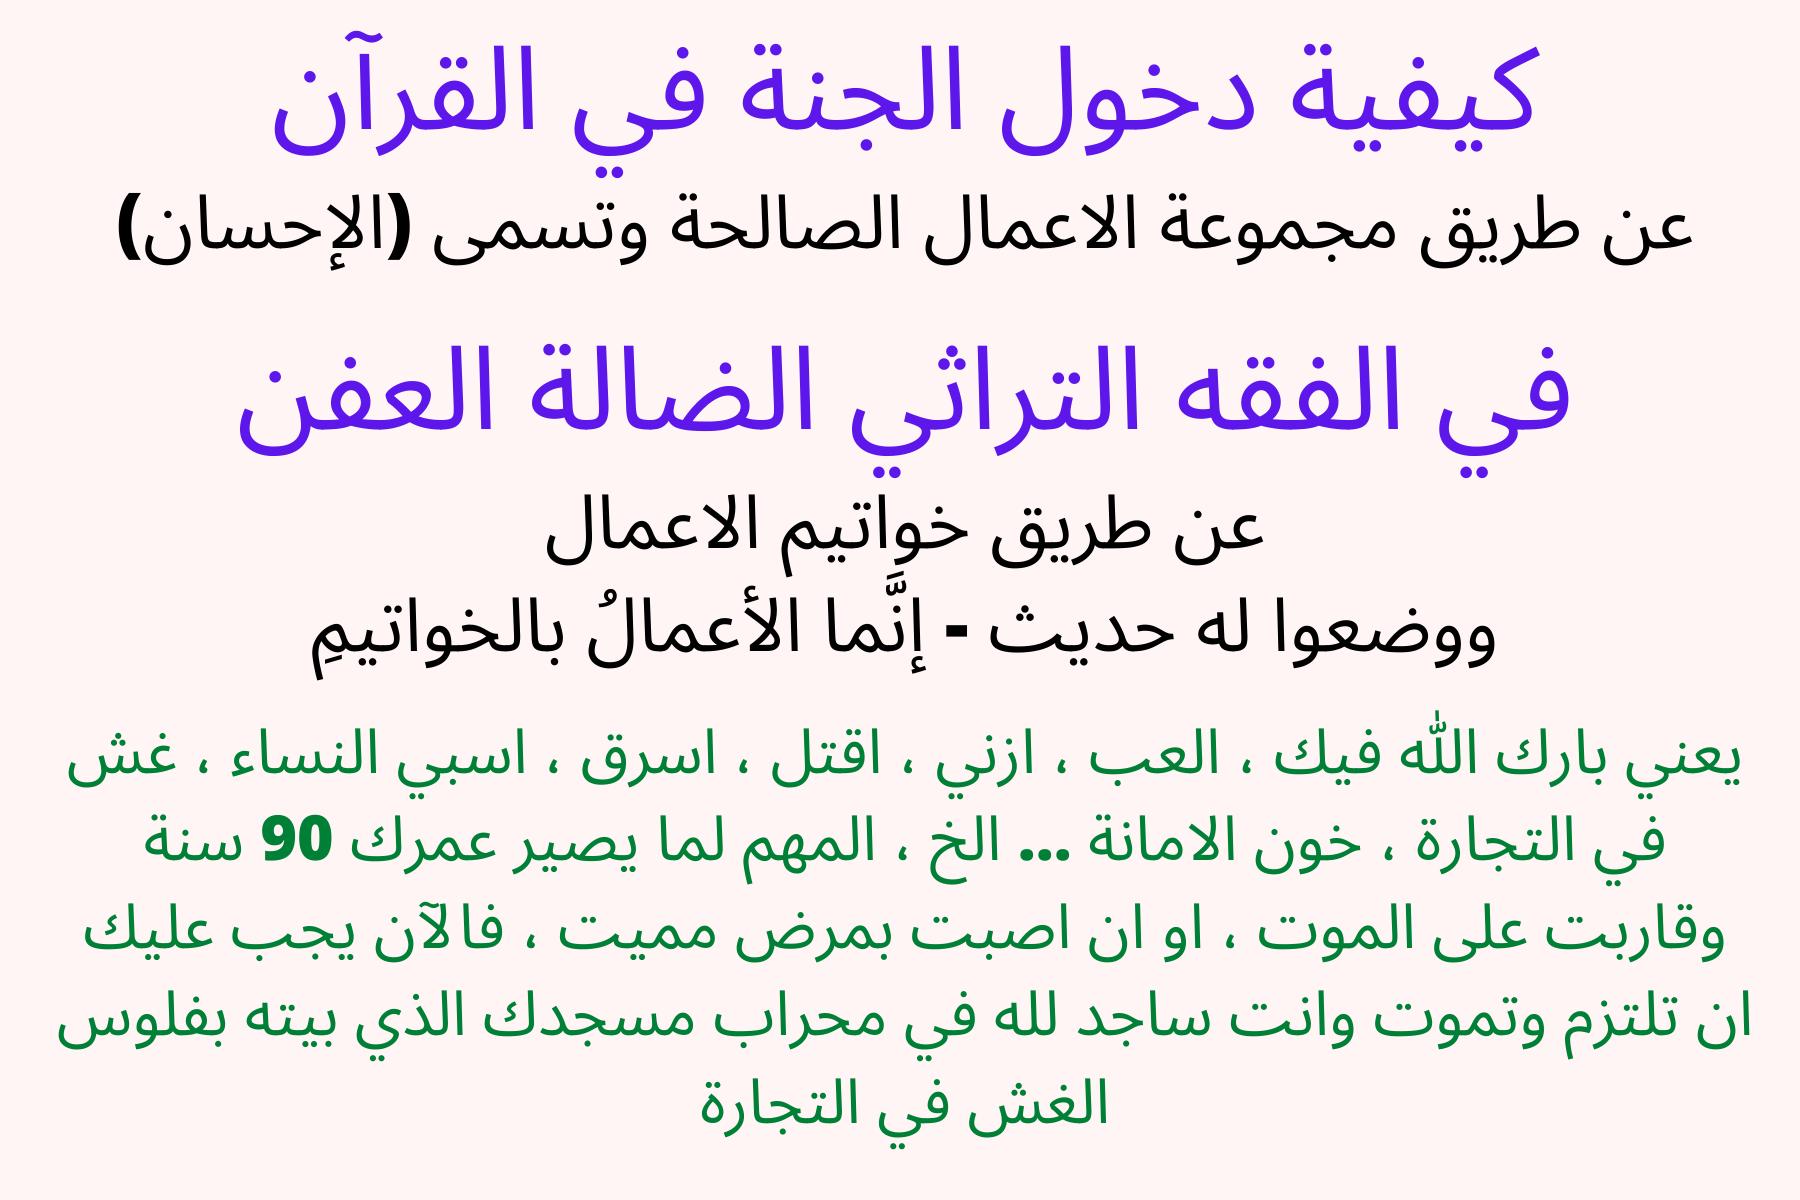 كيفية دخول الجنة في القرآن بمجموعة الاعمال الصالحة وتسمى الاحسان في الفقه الضالة العفن بخواتيم الا Facebook Sign Up Facebook Sign